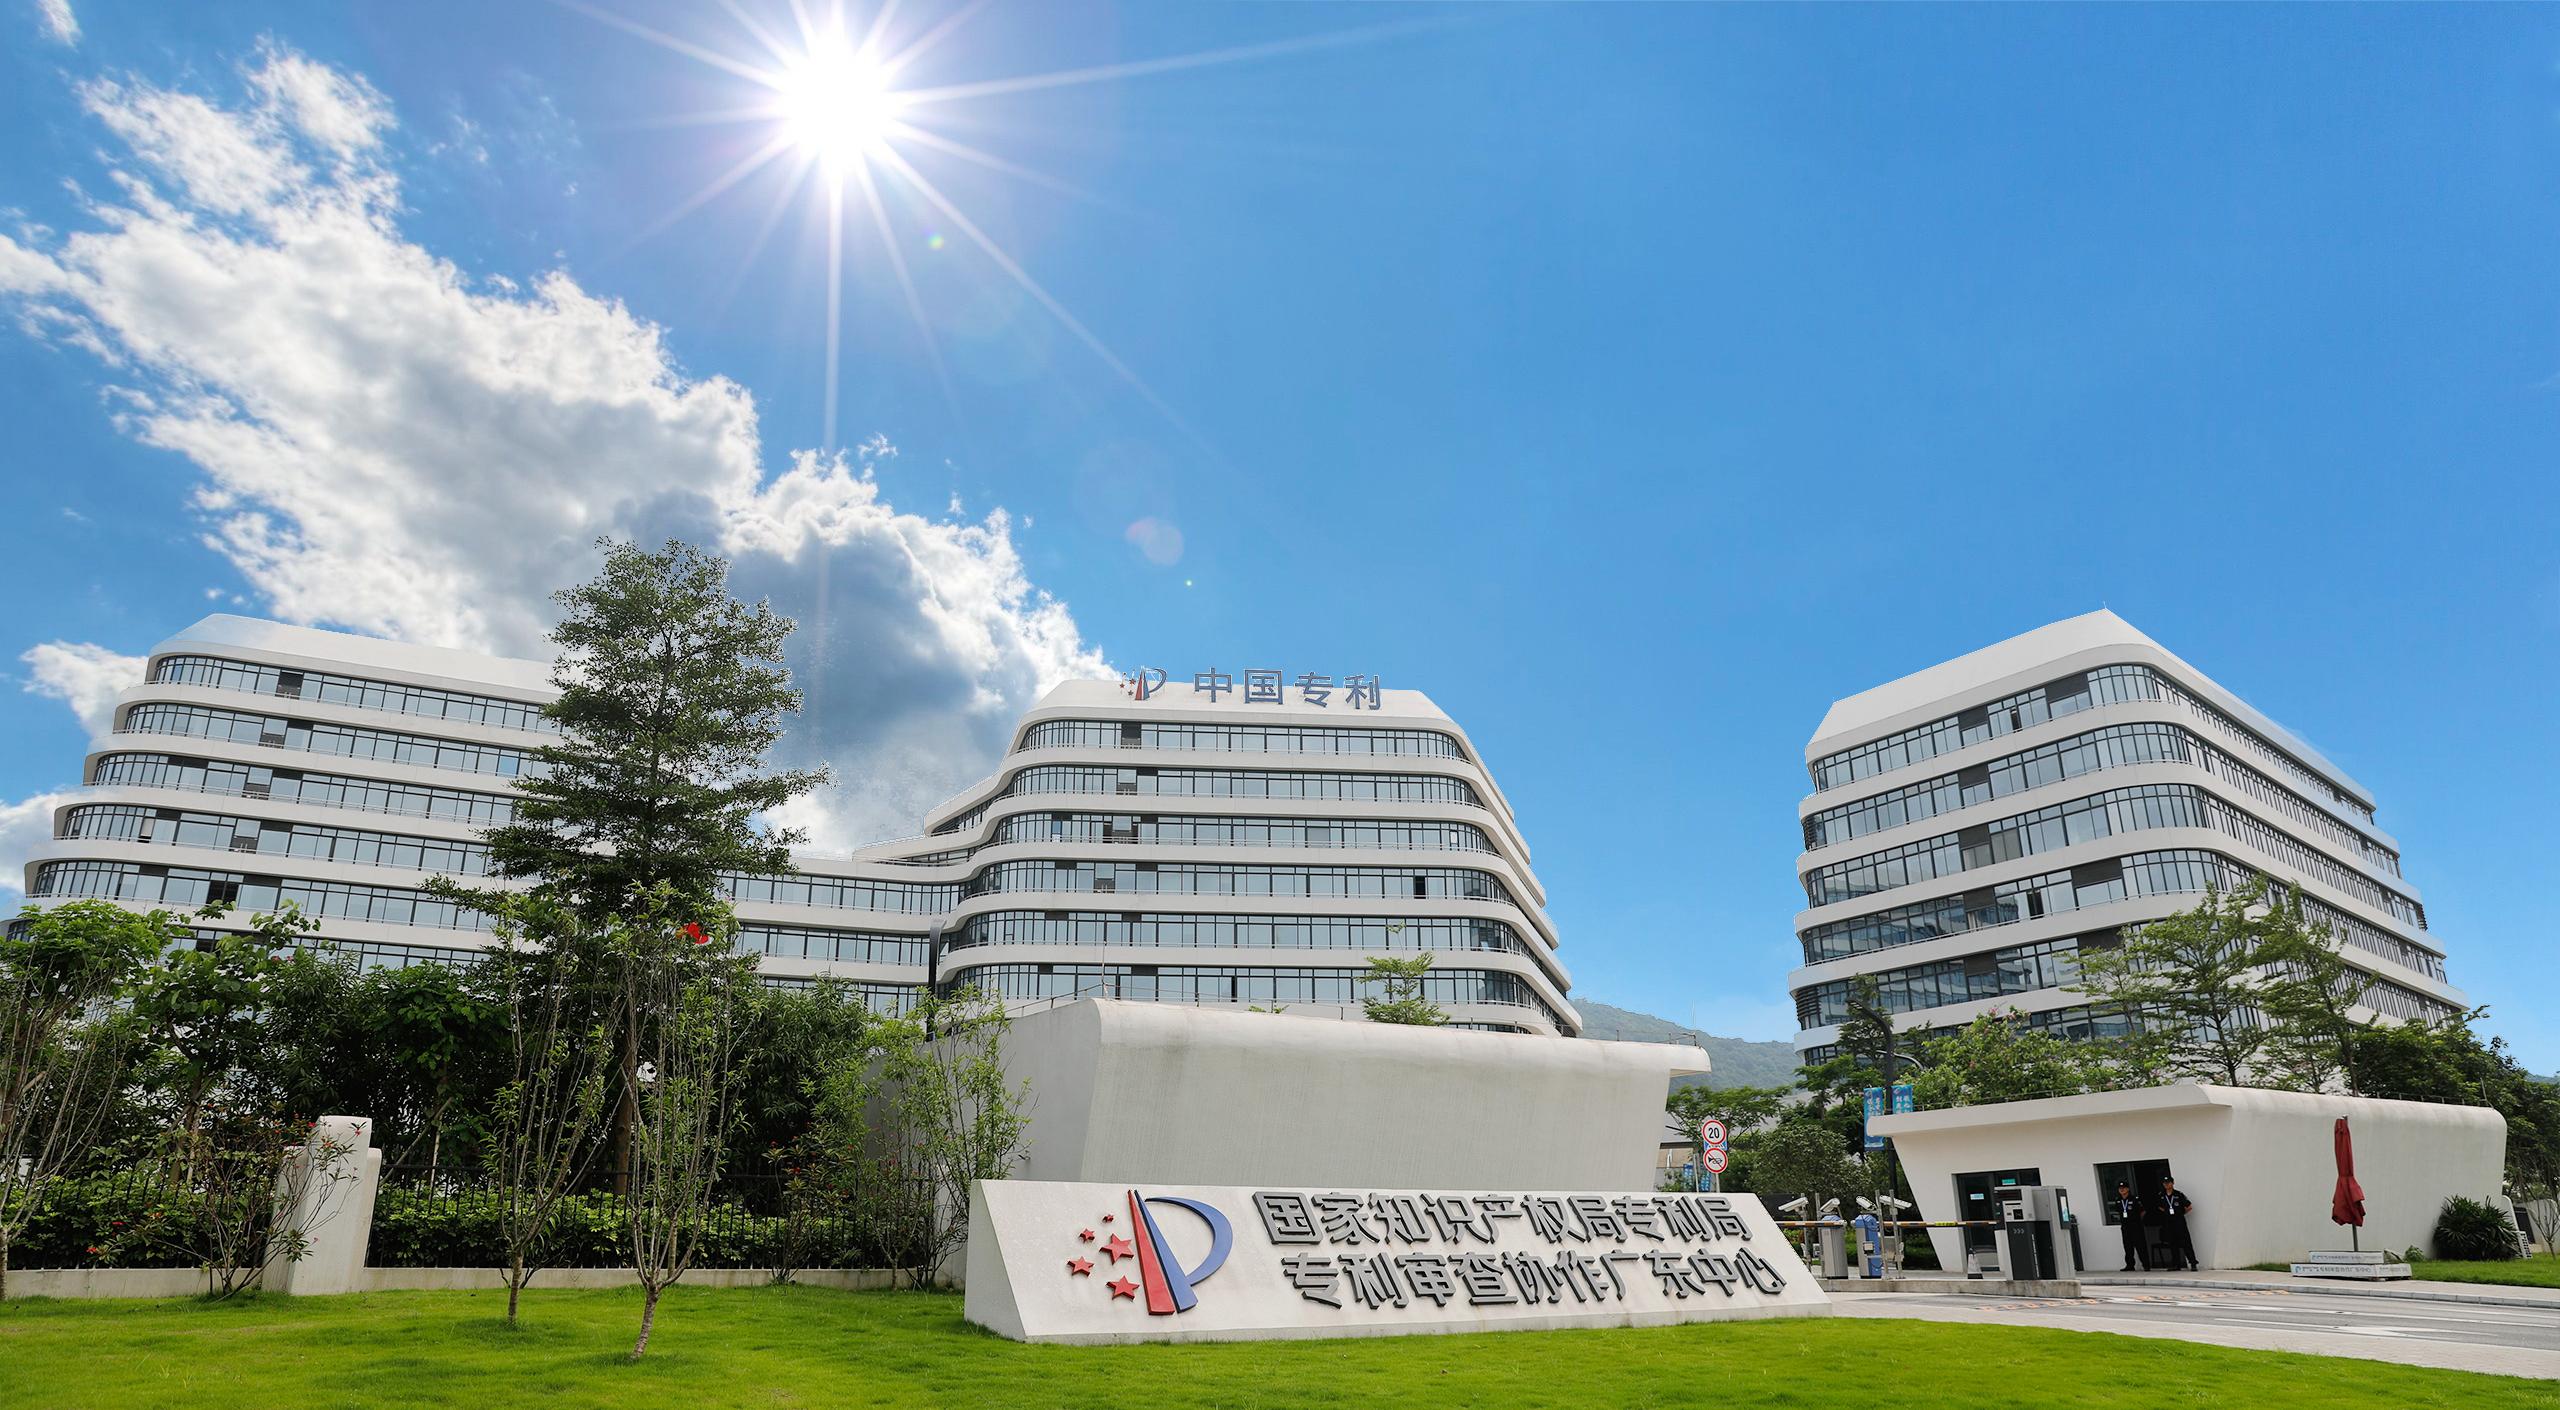 广州开发区知识产权服务机构已超216家 持续激发创造活力